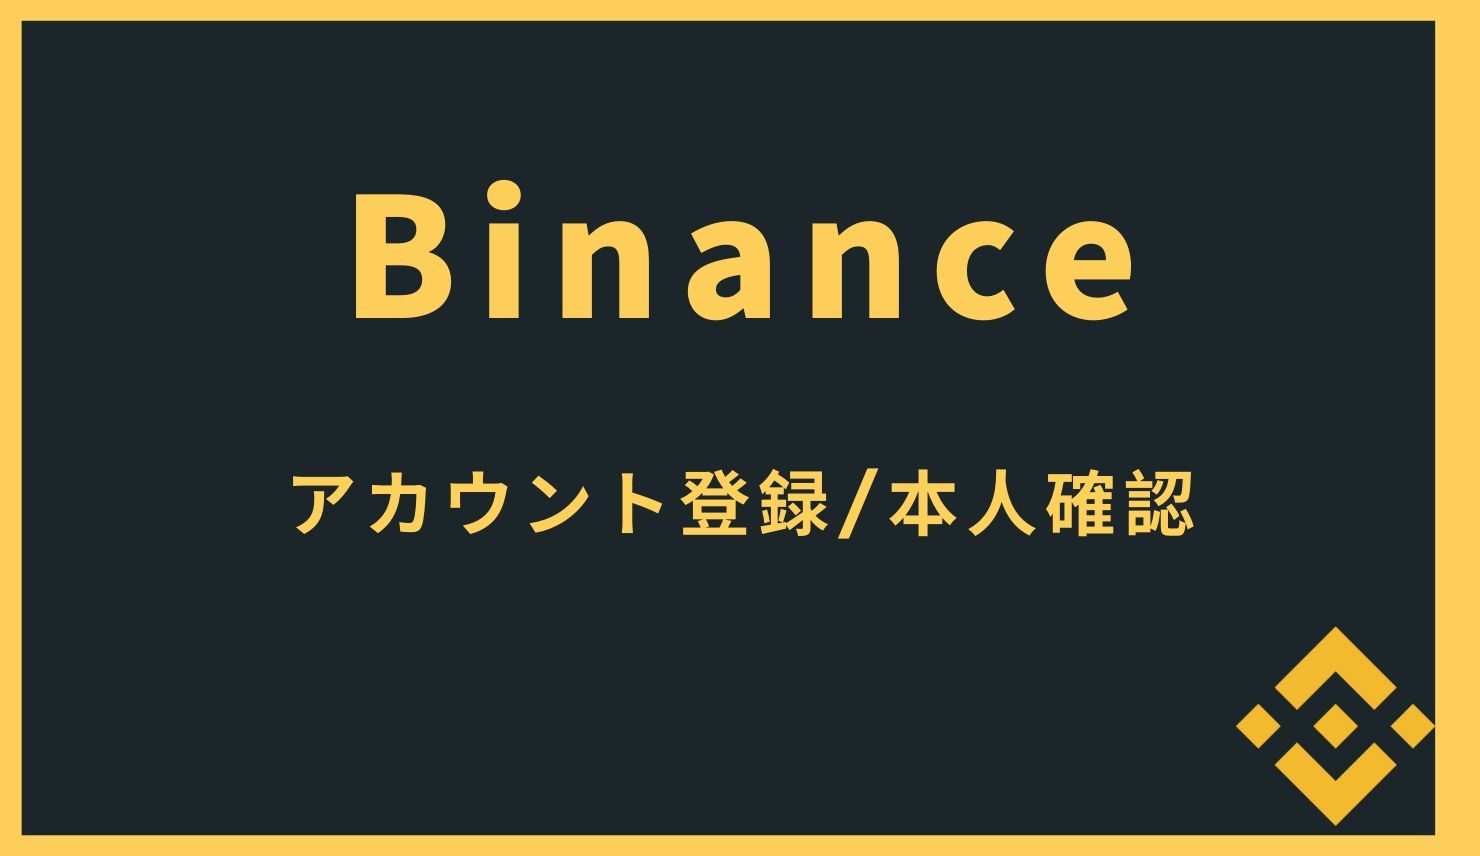 【2019年版】海外取引所バイナンス(Binance)の登録、本人確認方法について